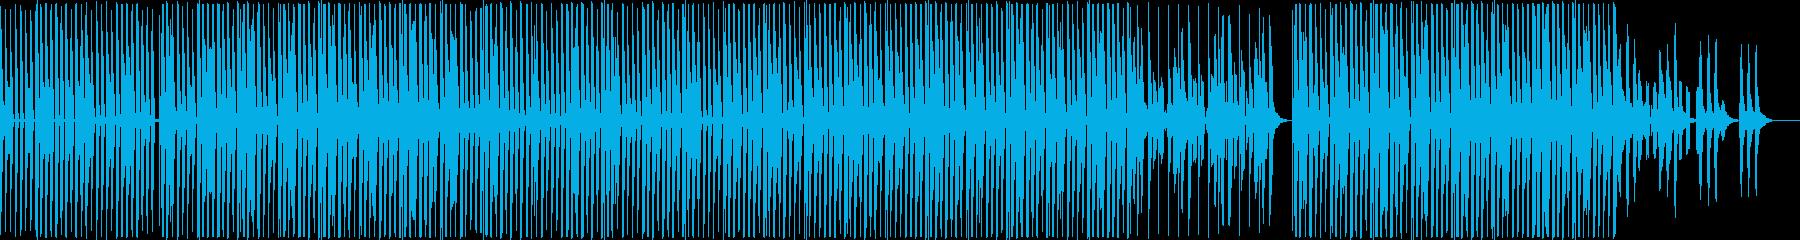 物悲しい 秋 夕暮れ テクノの再生済みの波形